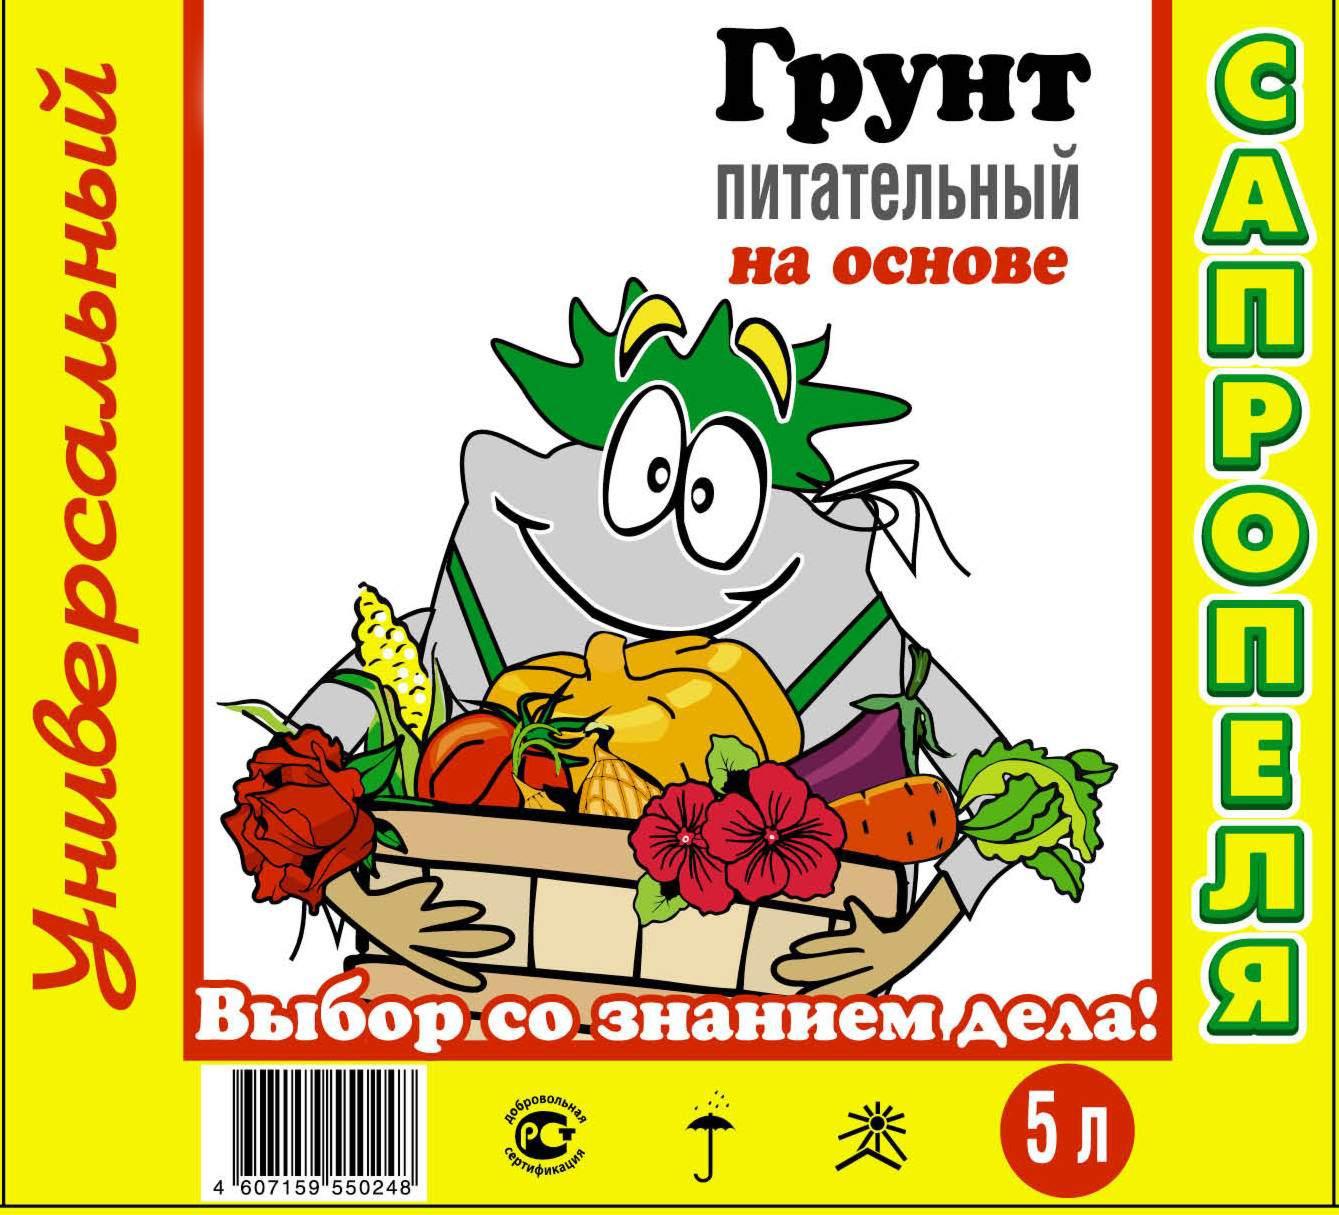 Сапропелевые грунты для растениеводства, садоводства от компании ЗАО Респект - Грунт универсальный